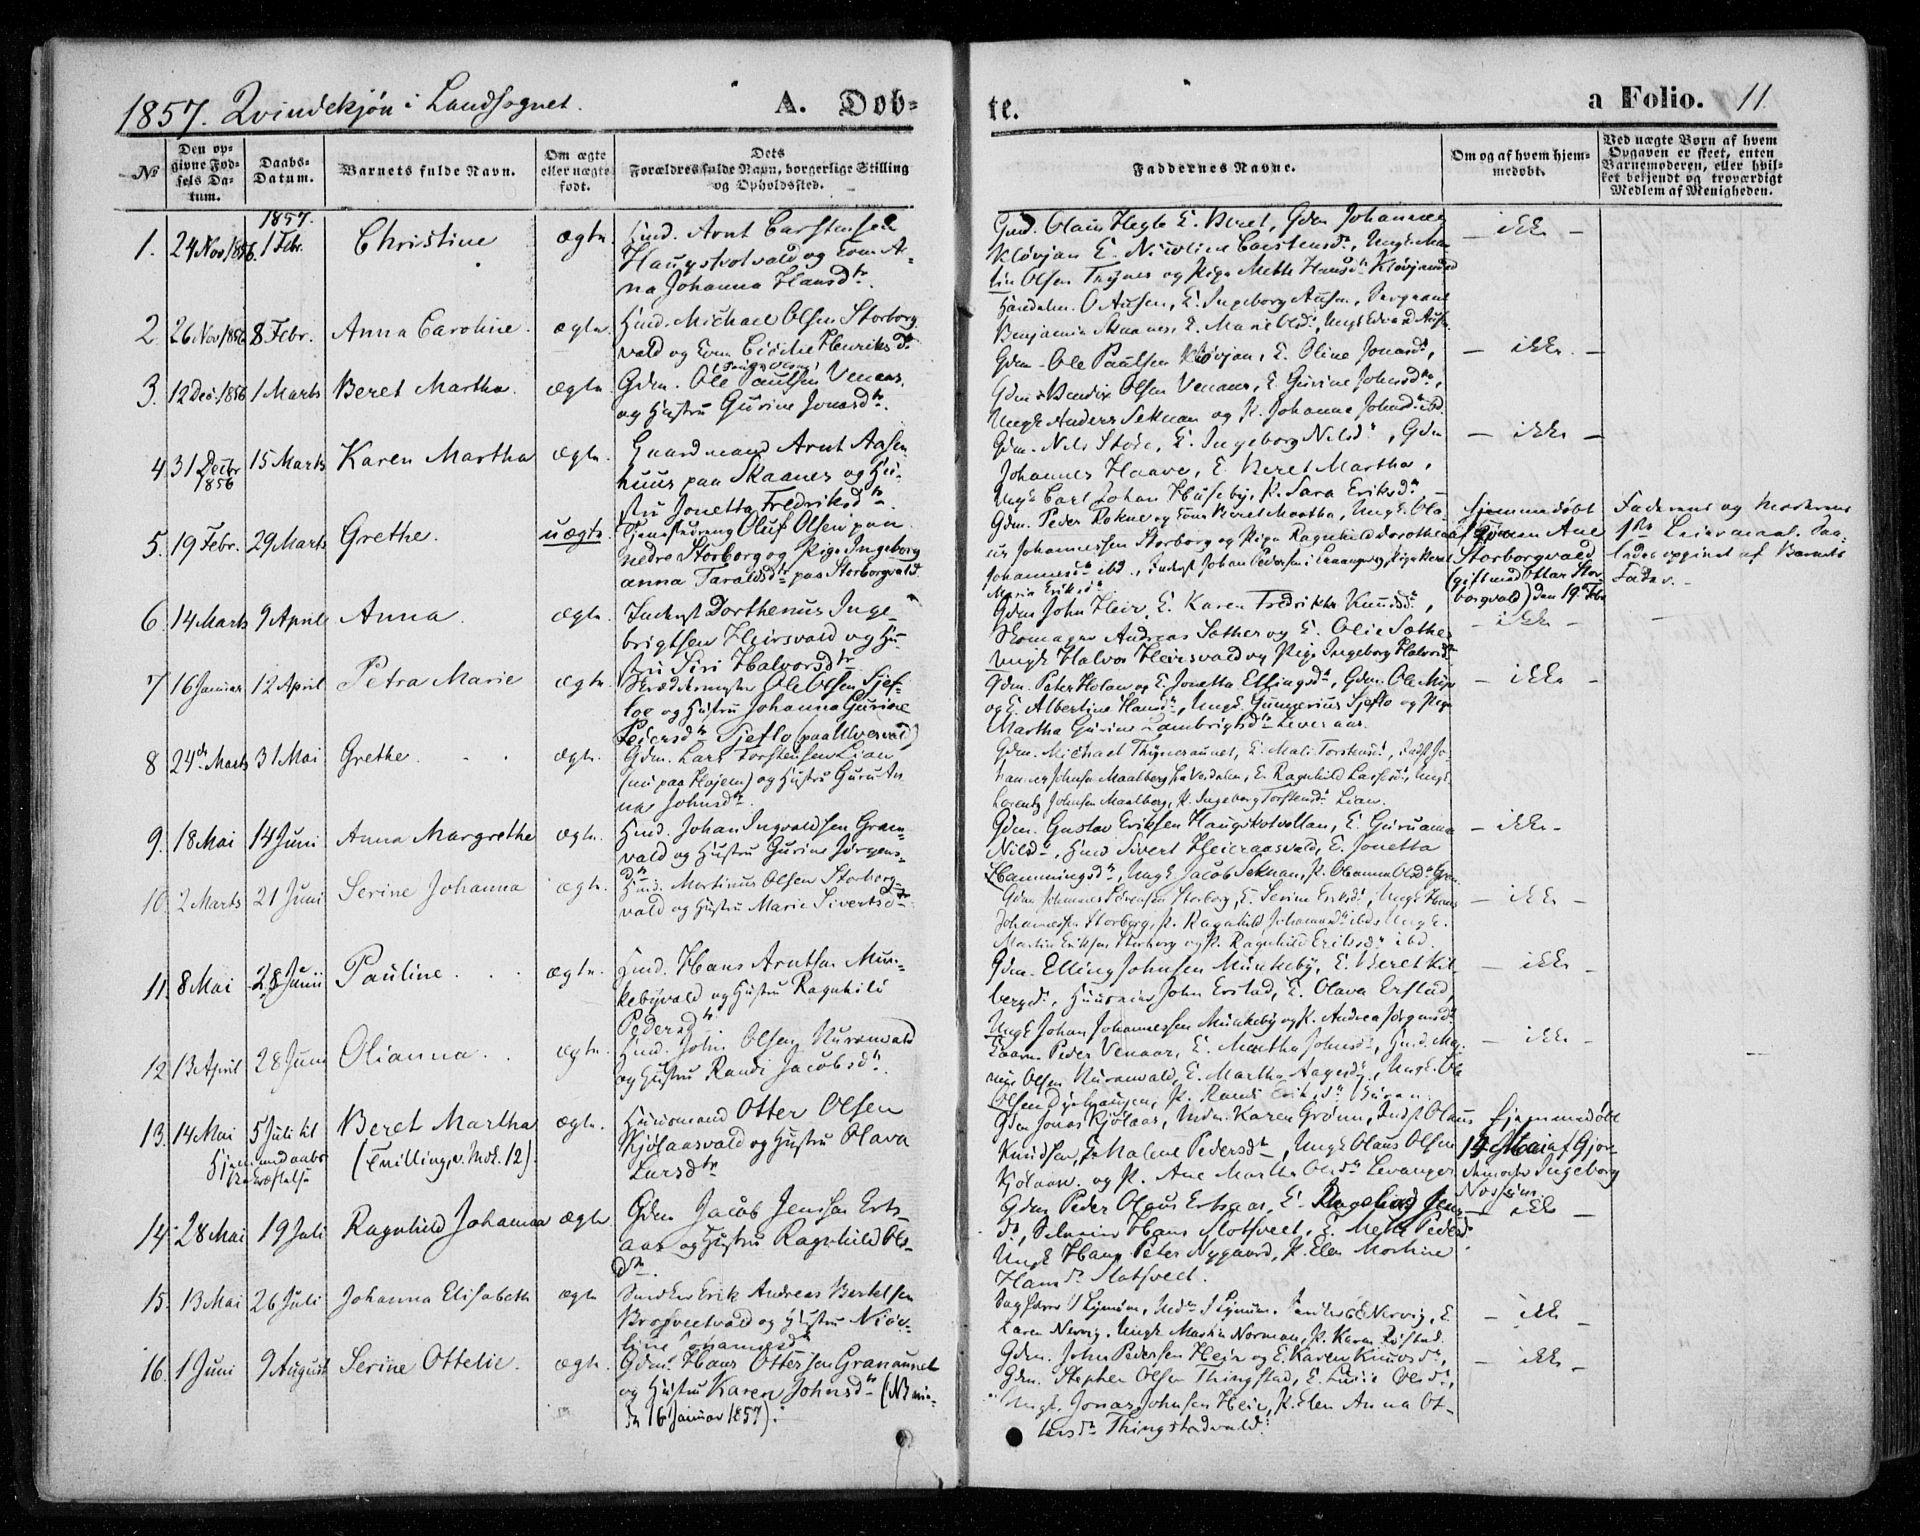 SAT, Ministerialprotokoller, klokkerbøker og fødselsregistre - Nord-Trøndelag, 720/L0184: Ministerialbok nr. 720A02 /2, 1855-1863, s. 11